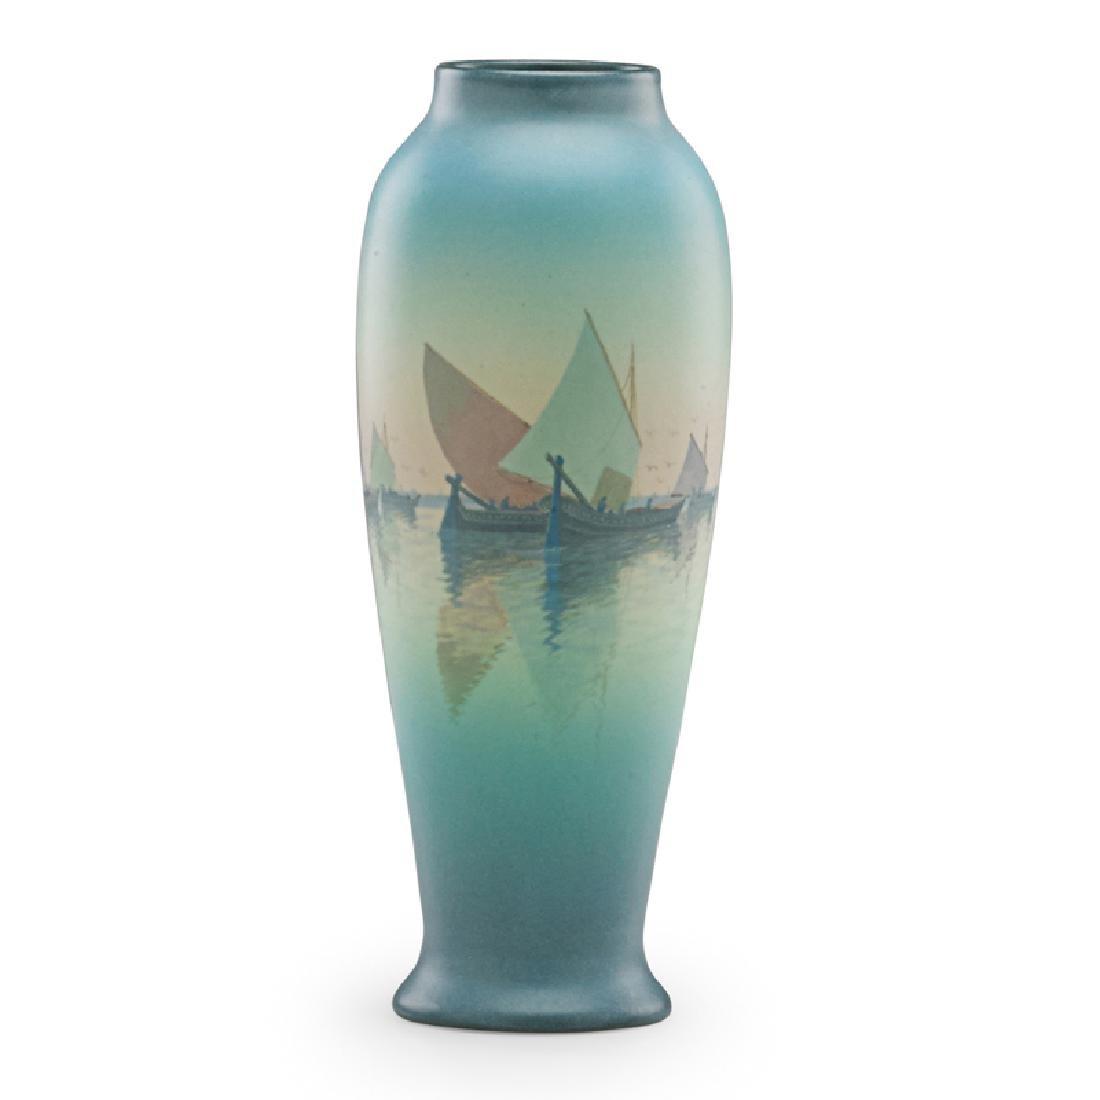 C. SCHMIDT; ROOKWOOD Vellum vase